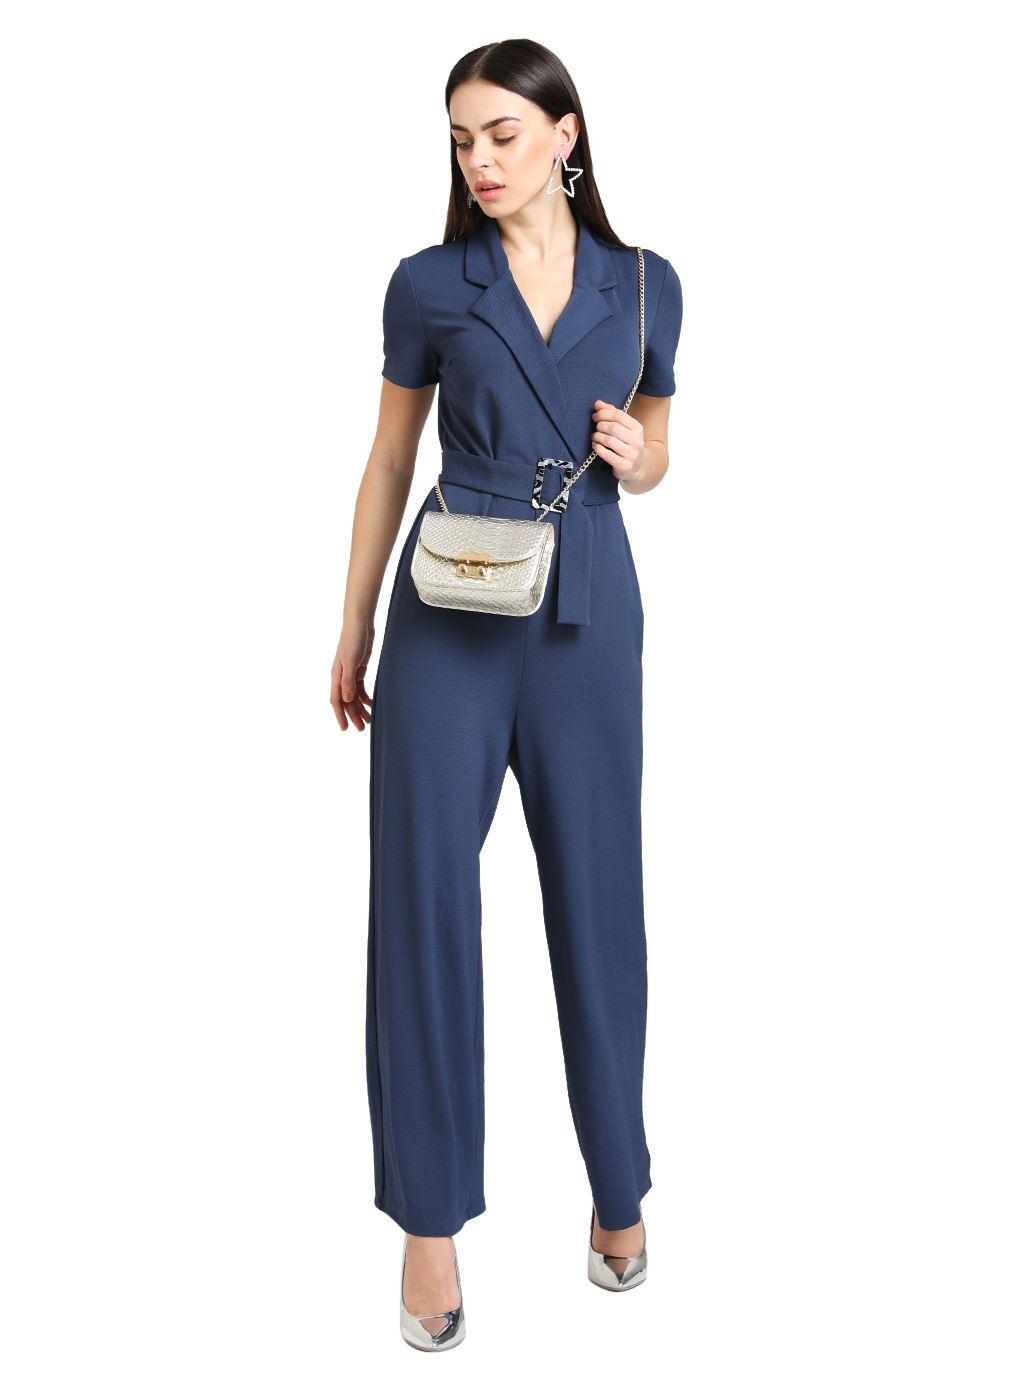 Kazo Women Casual Wear Blue Jumpsuit With Belt